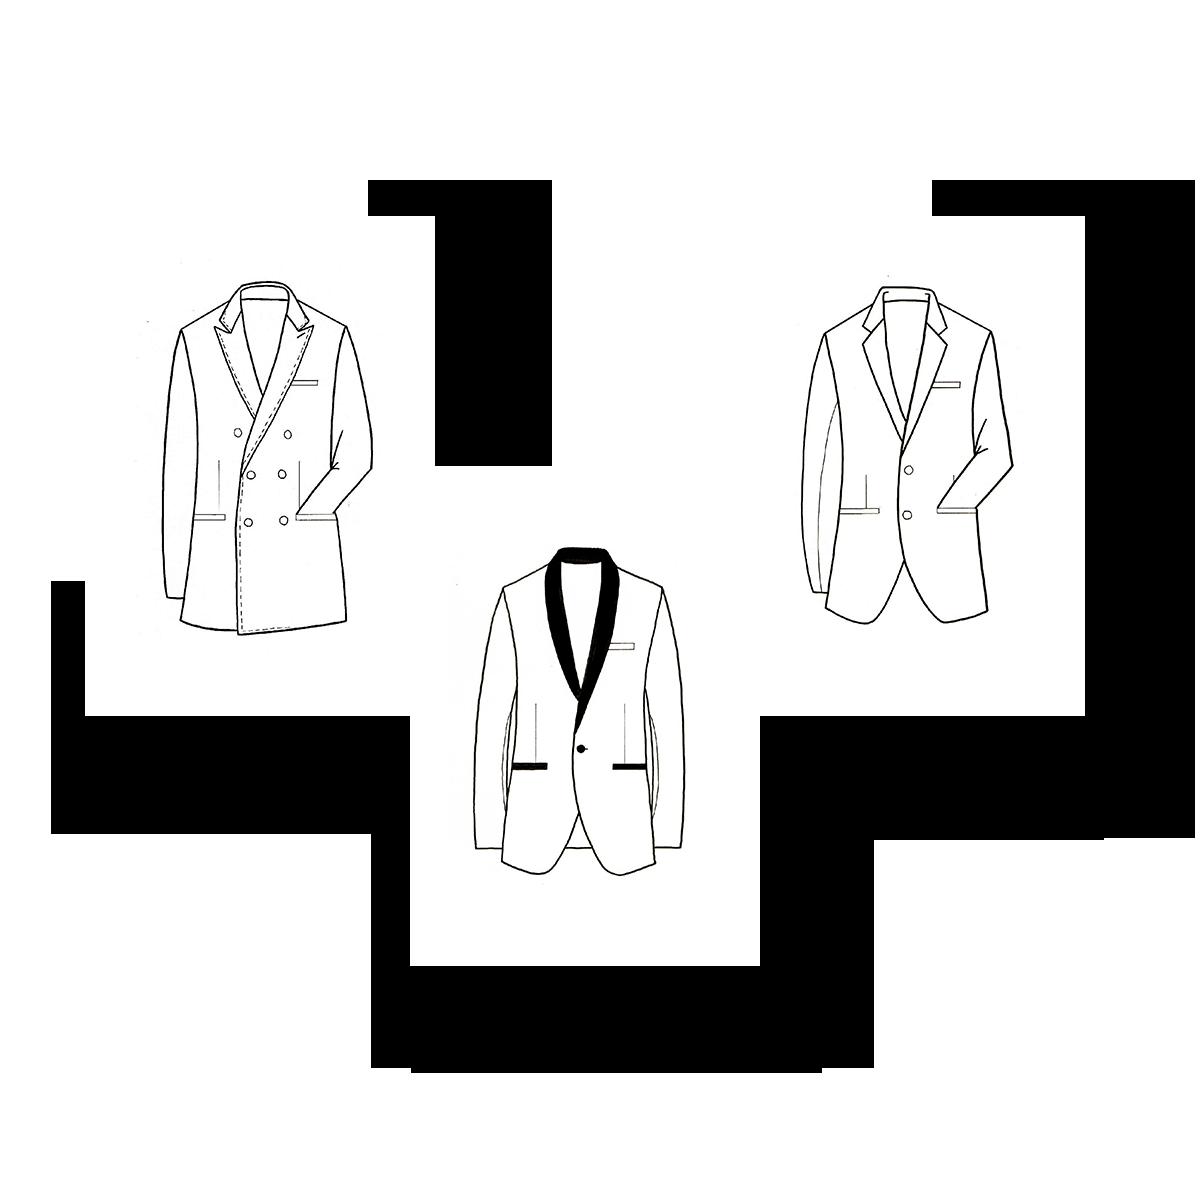 Abbigliamento classico su misura - Archivio R Sartoria Contemporanea a Torino